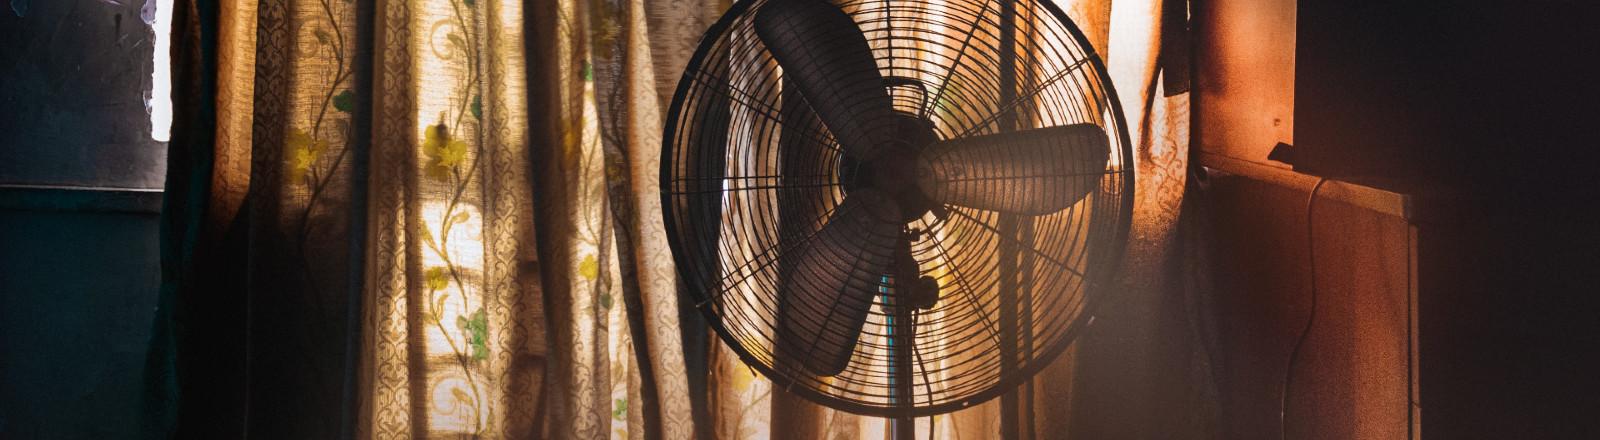 Ventilator steht in einem Raum vor zugezogenen Vorhängen.